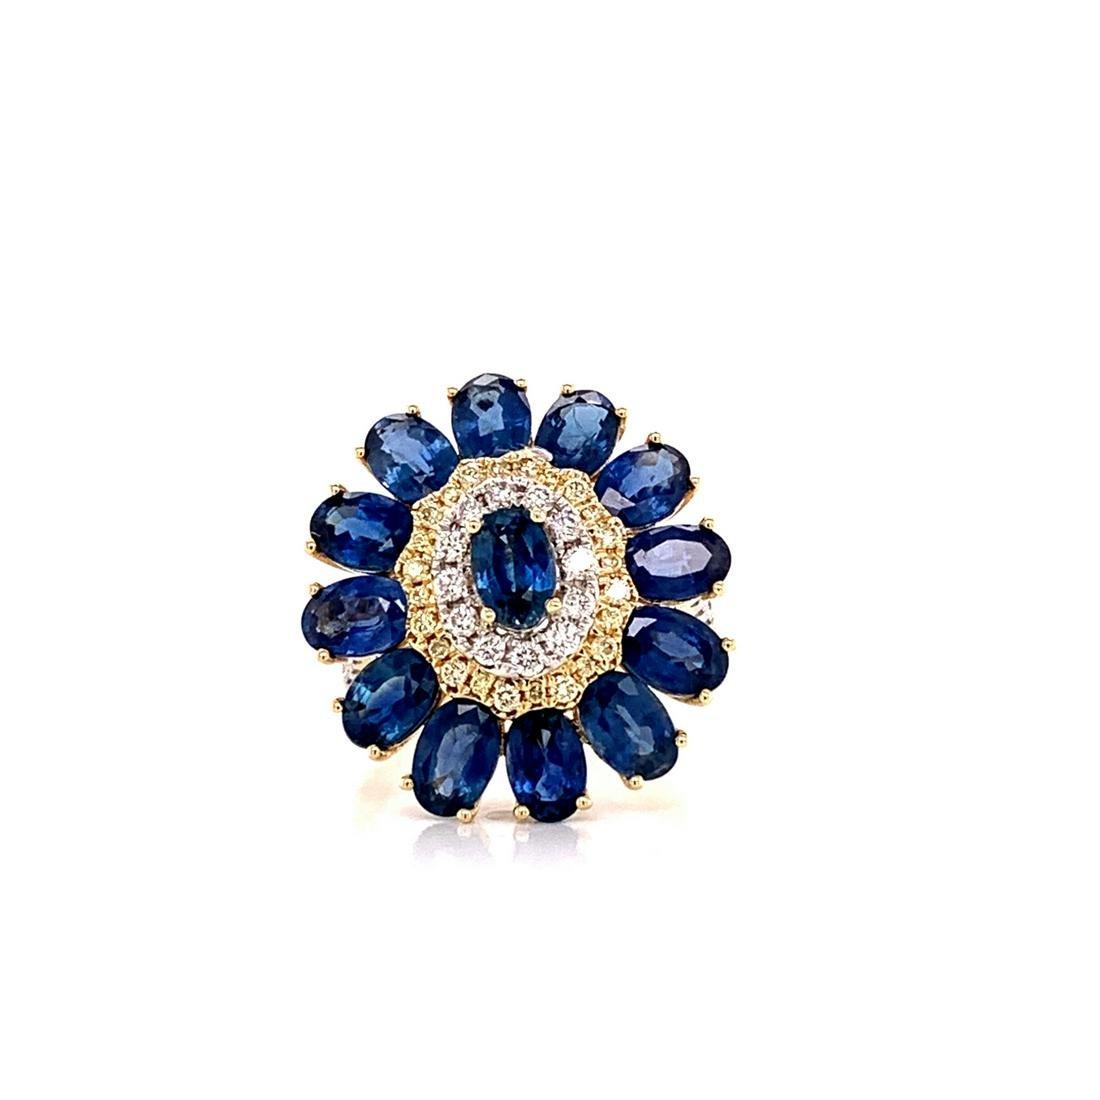 6.25ctw Blue Sapphire, 0.65ctw Diamond 14K Ring